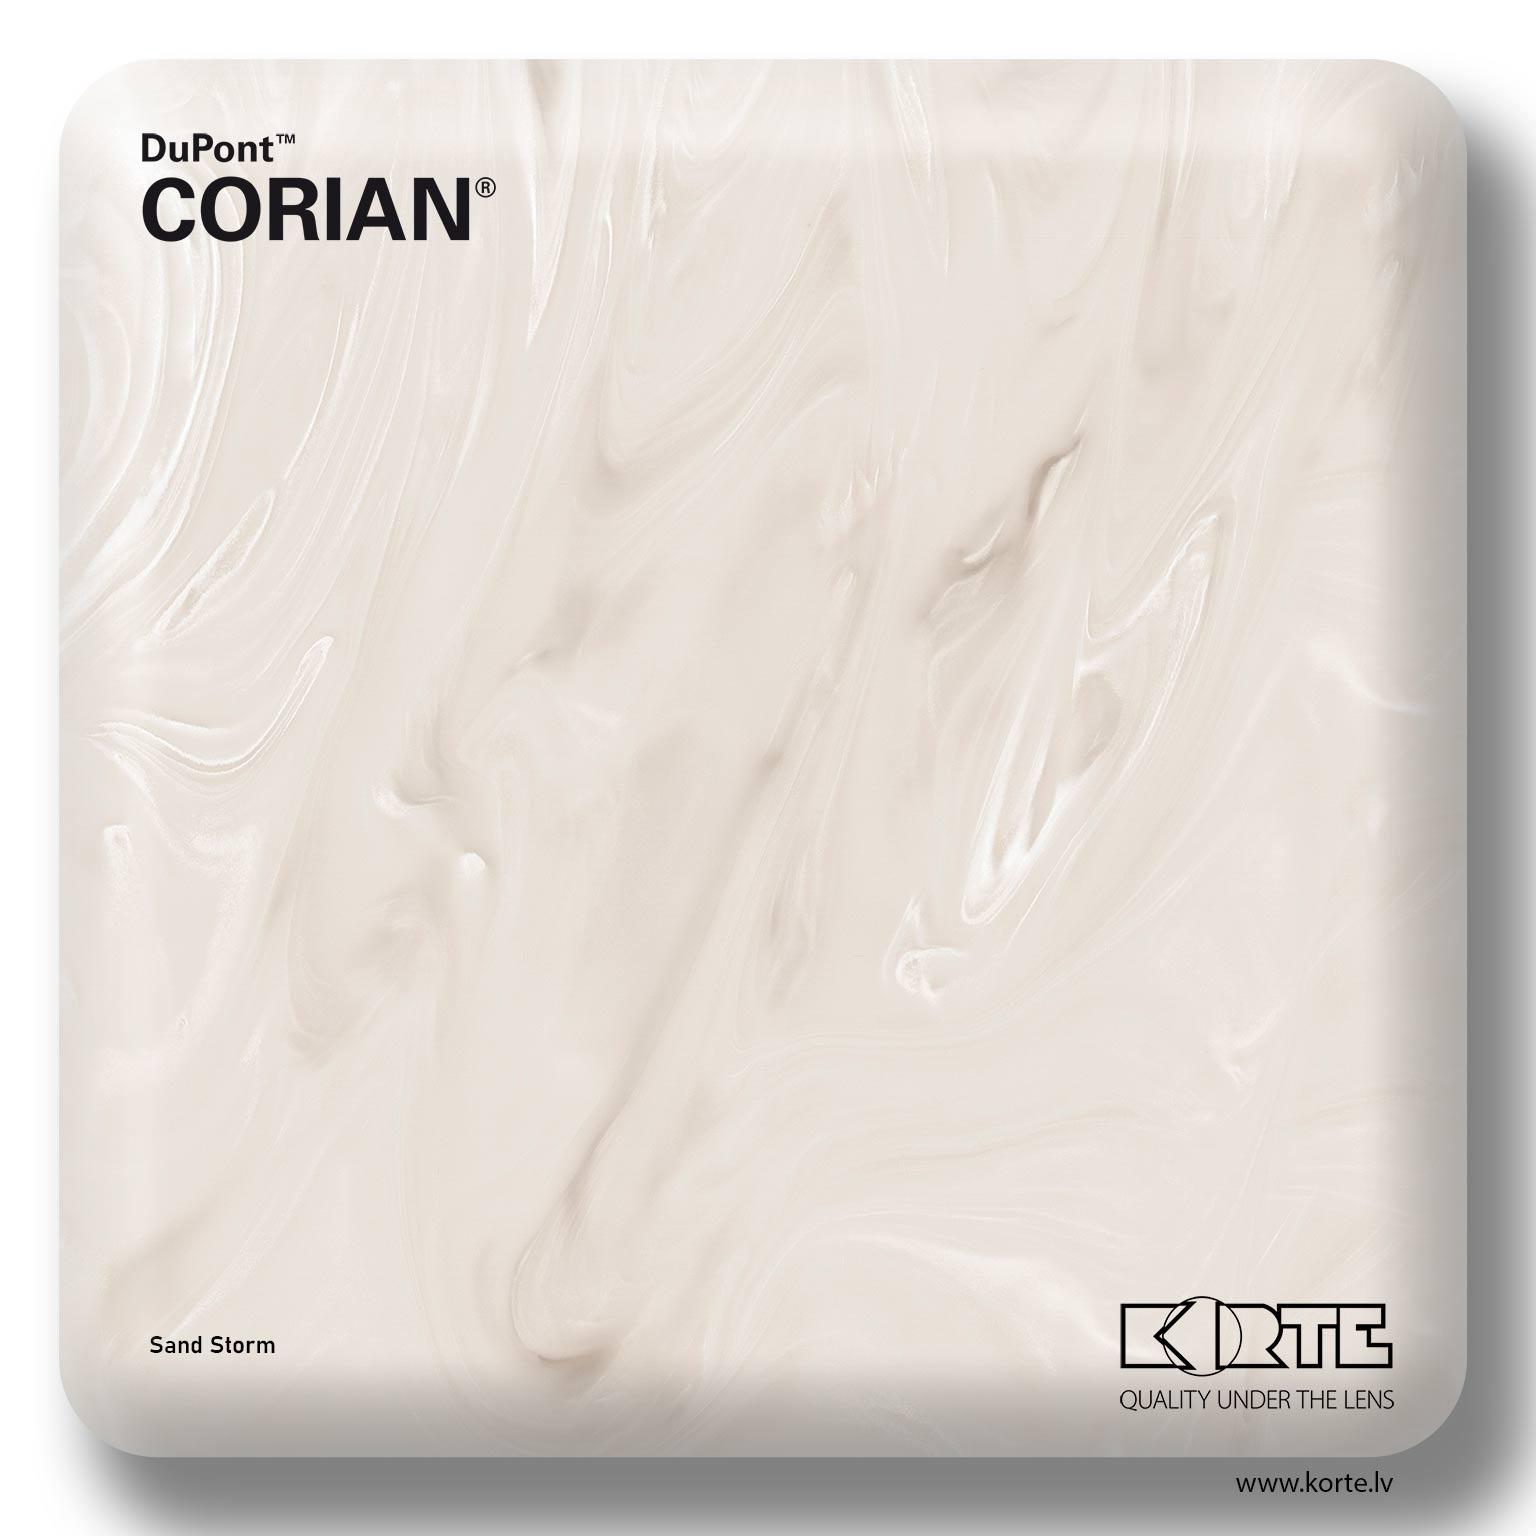 DuPont Corian Sand Storm